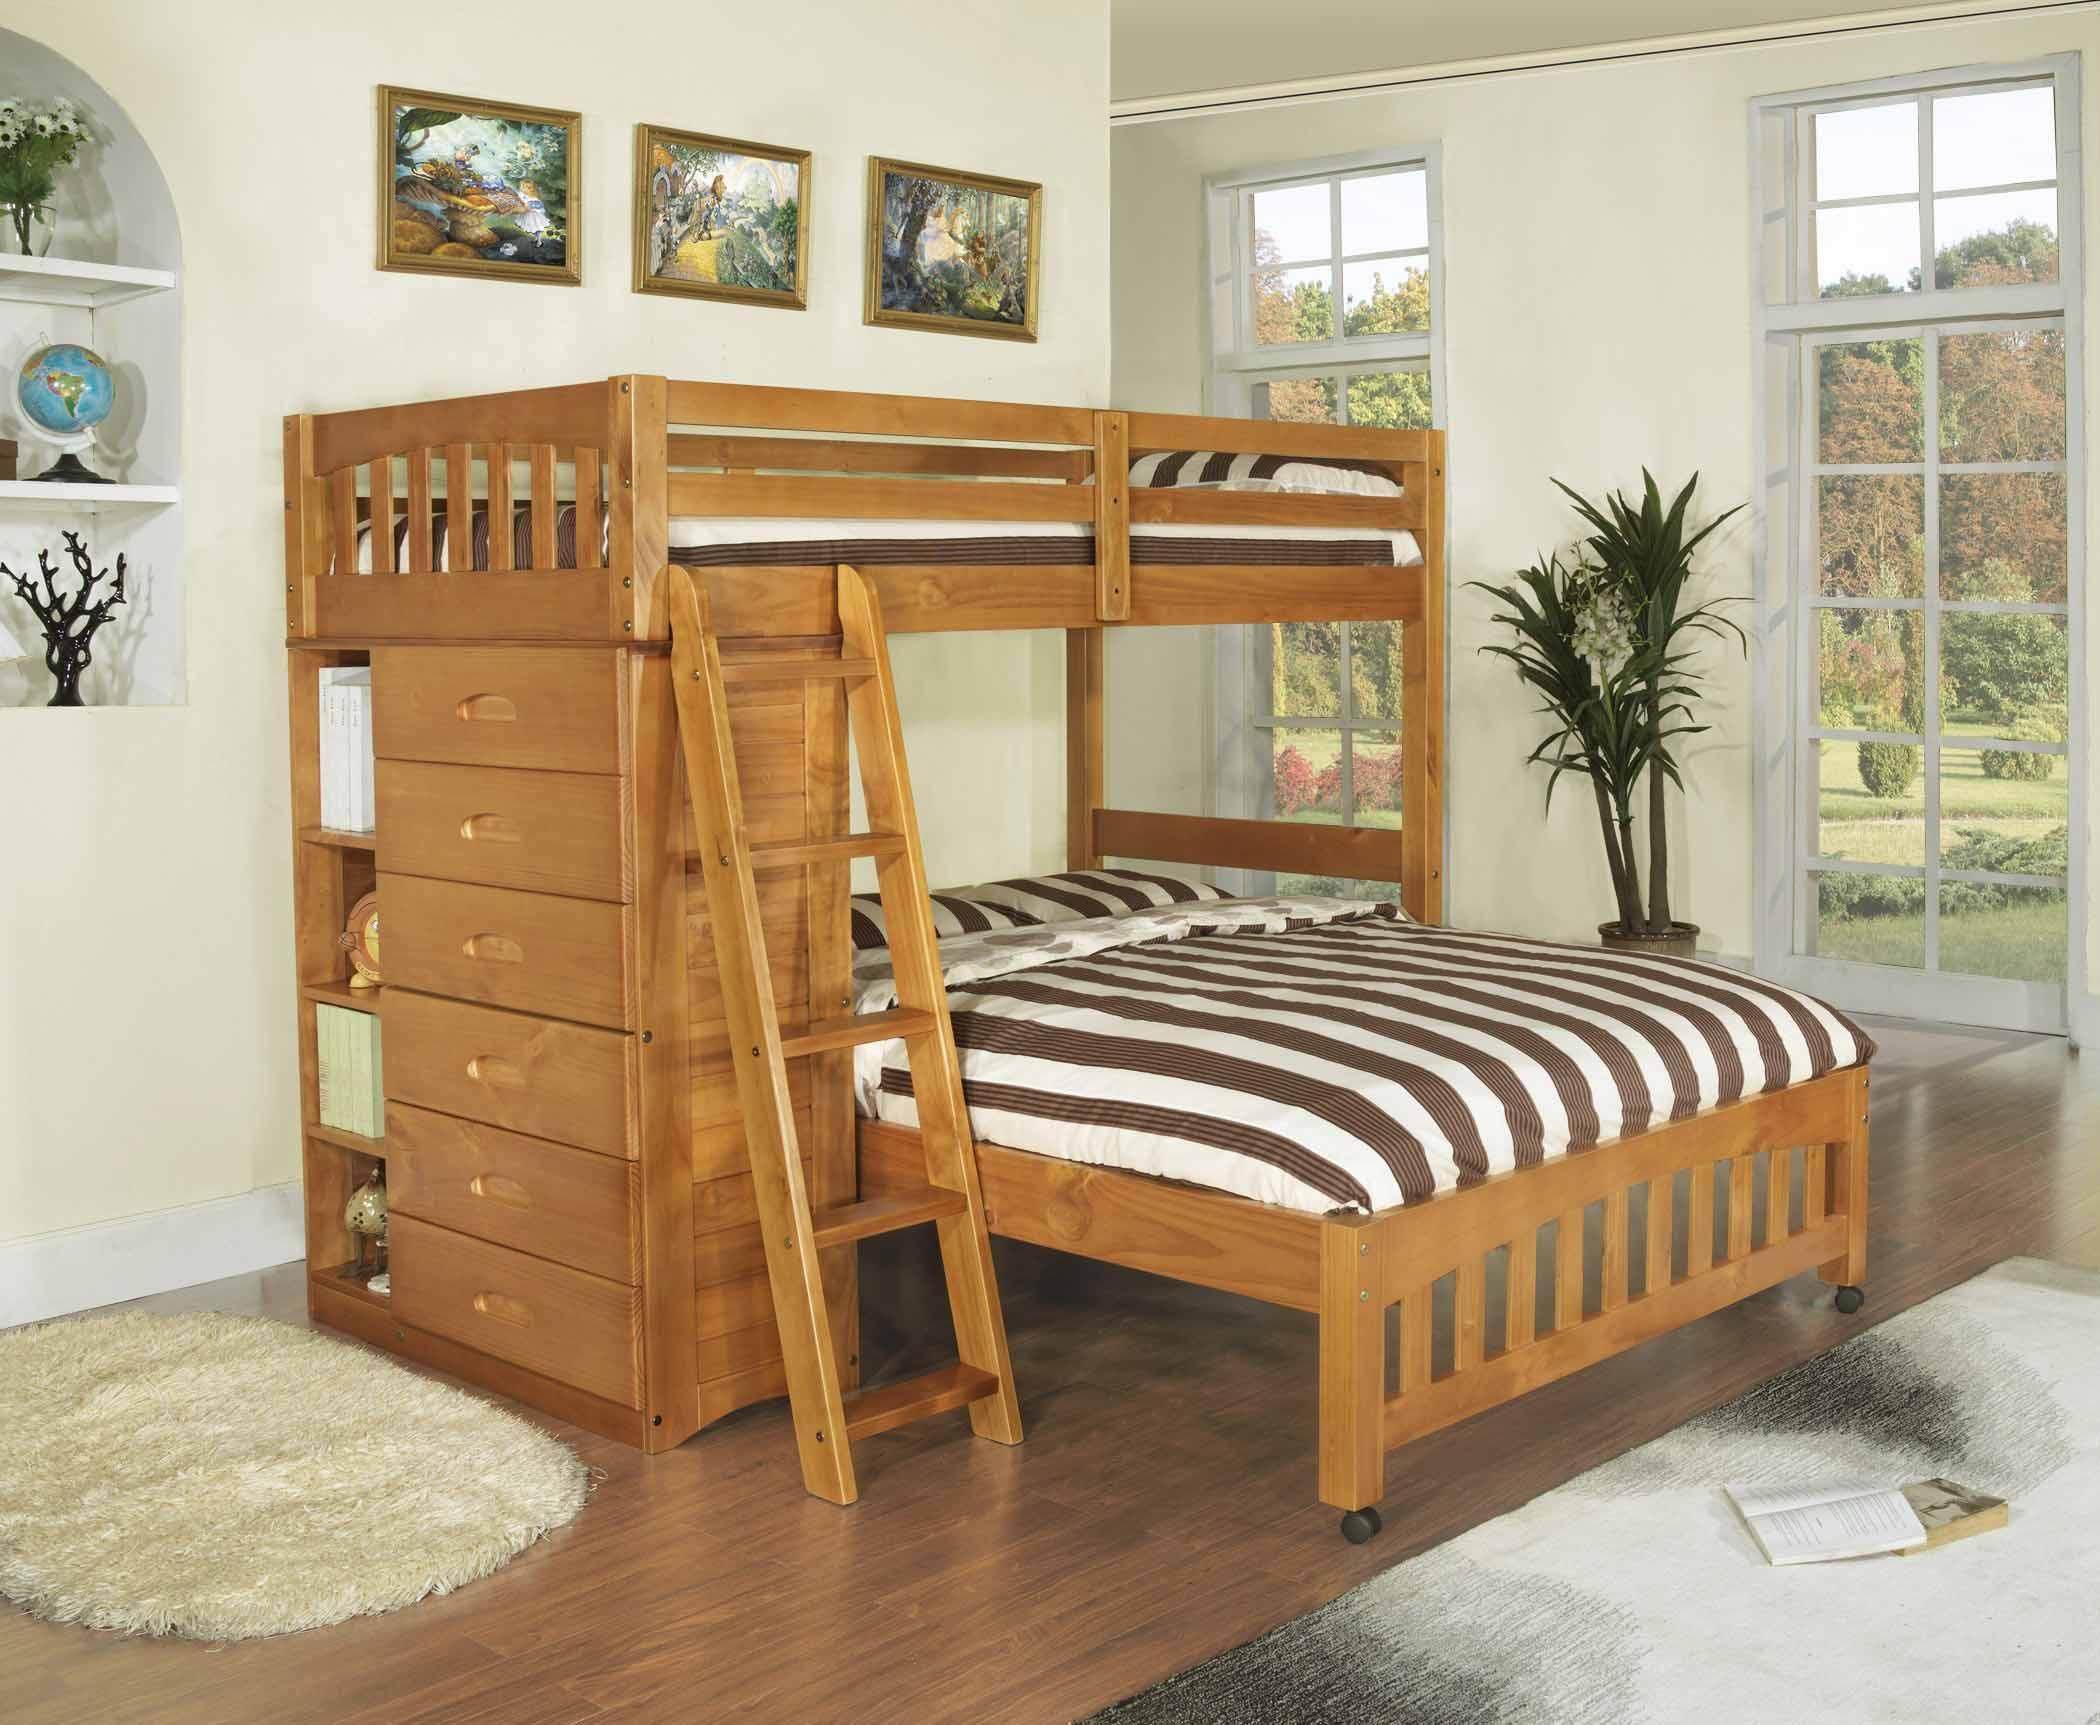 Двухъярусная кровать с двуспальной кроватью на первом ярусе